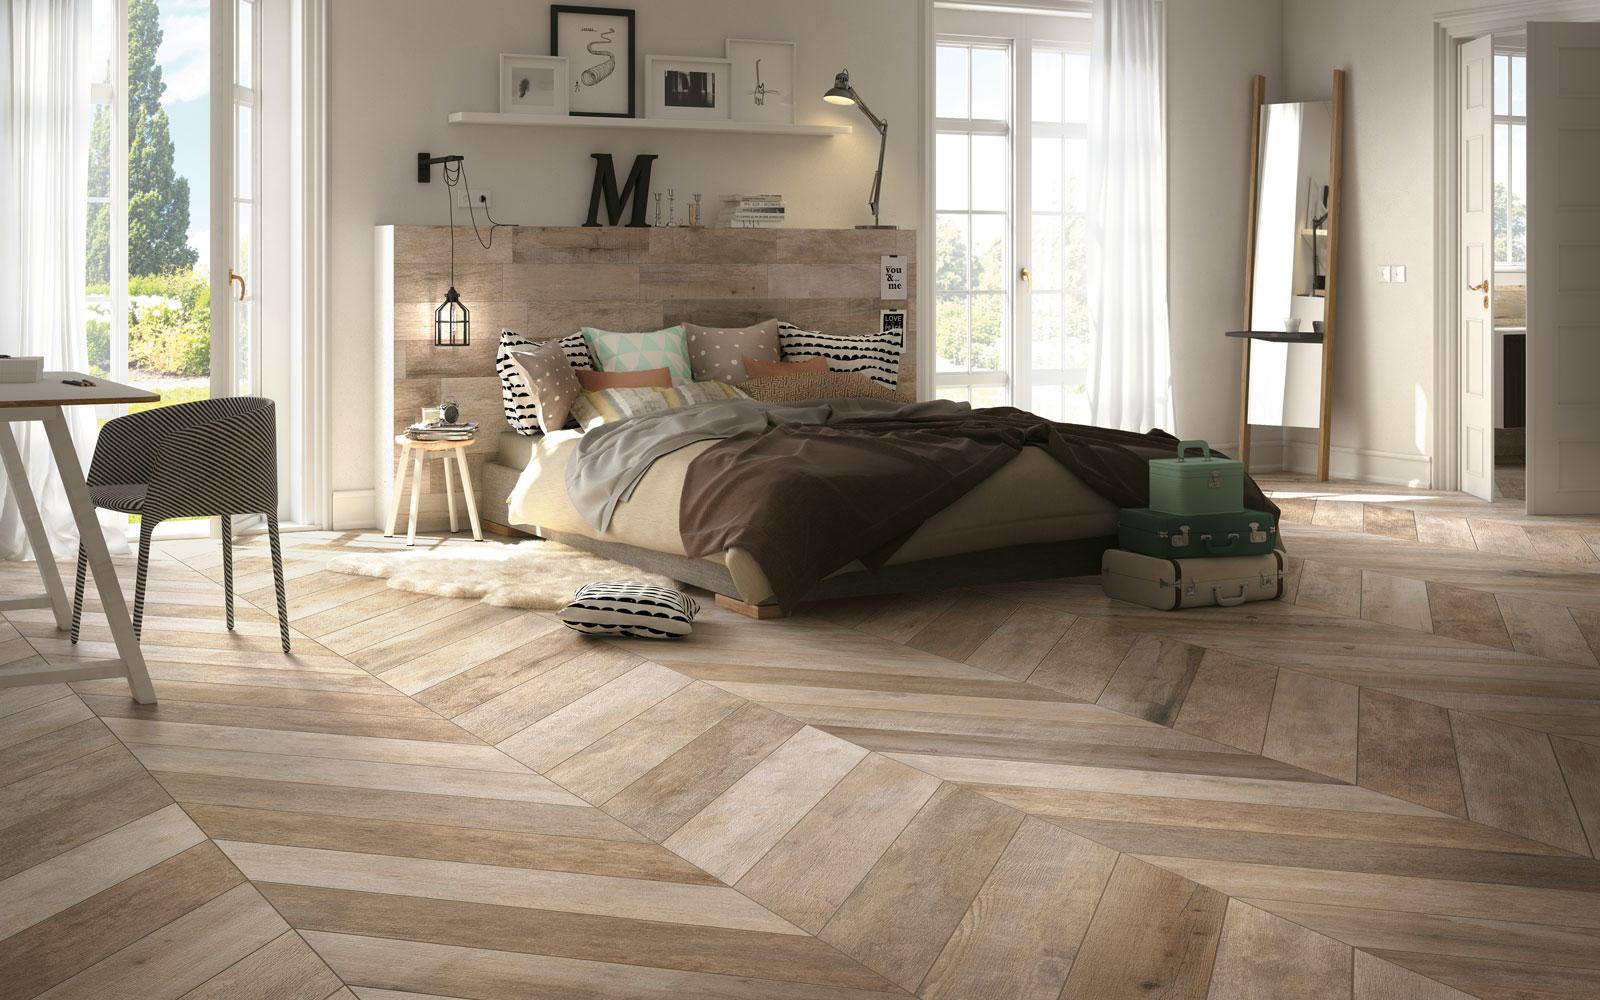 Grove Visgraat Vloer : Wonen op hout the art of living nl